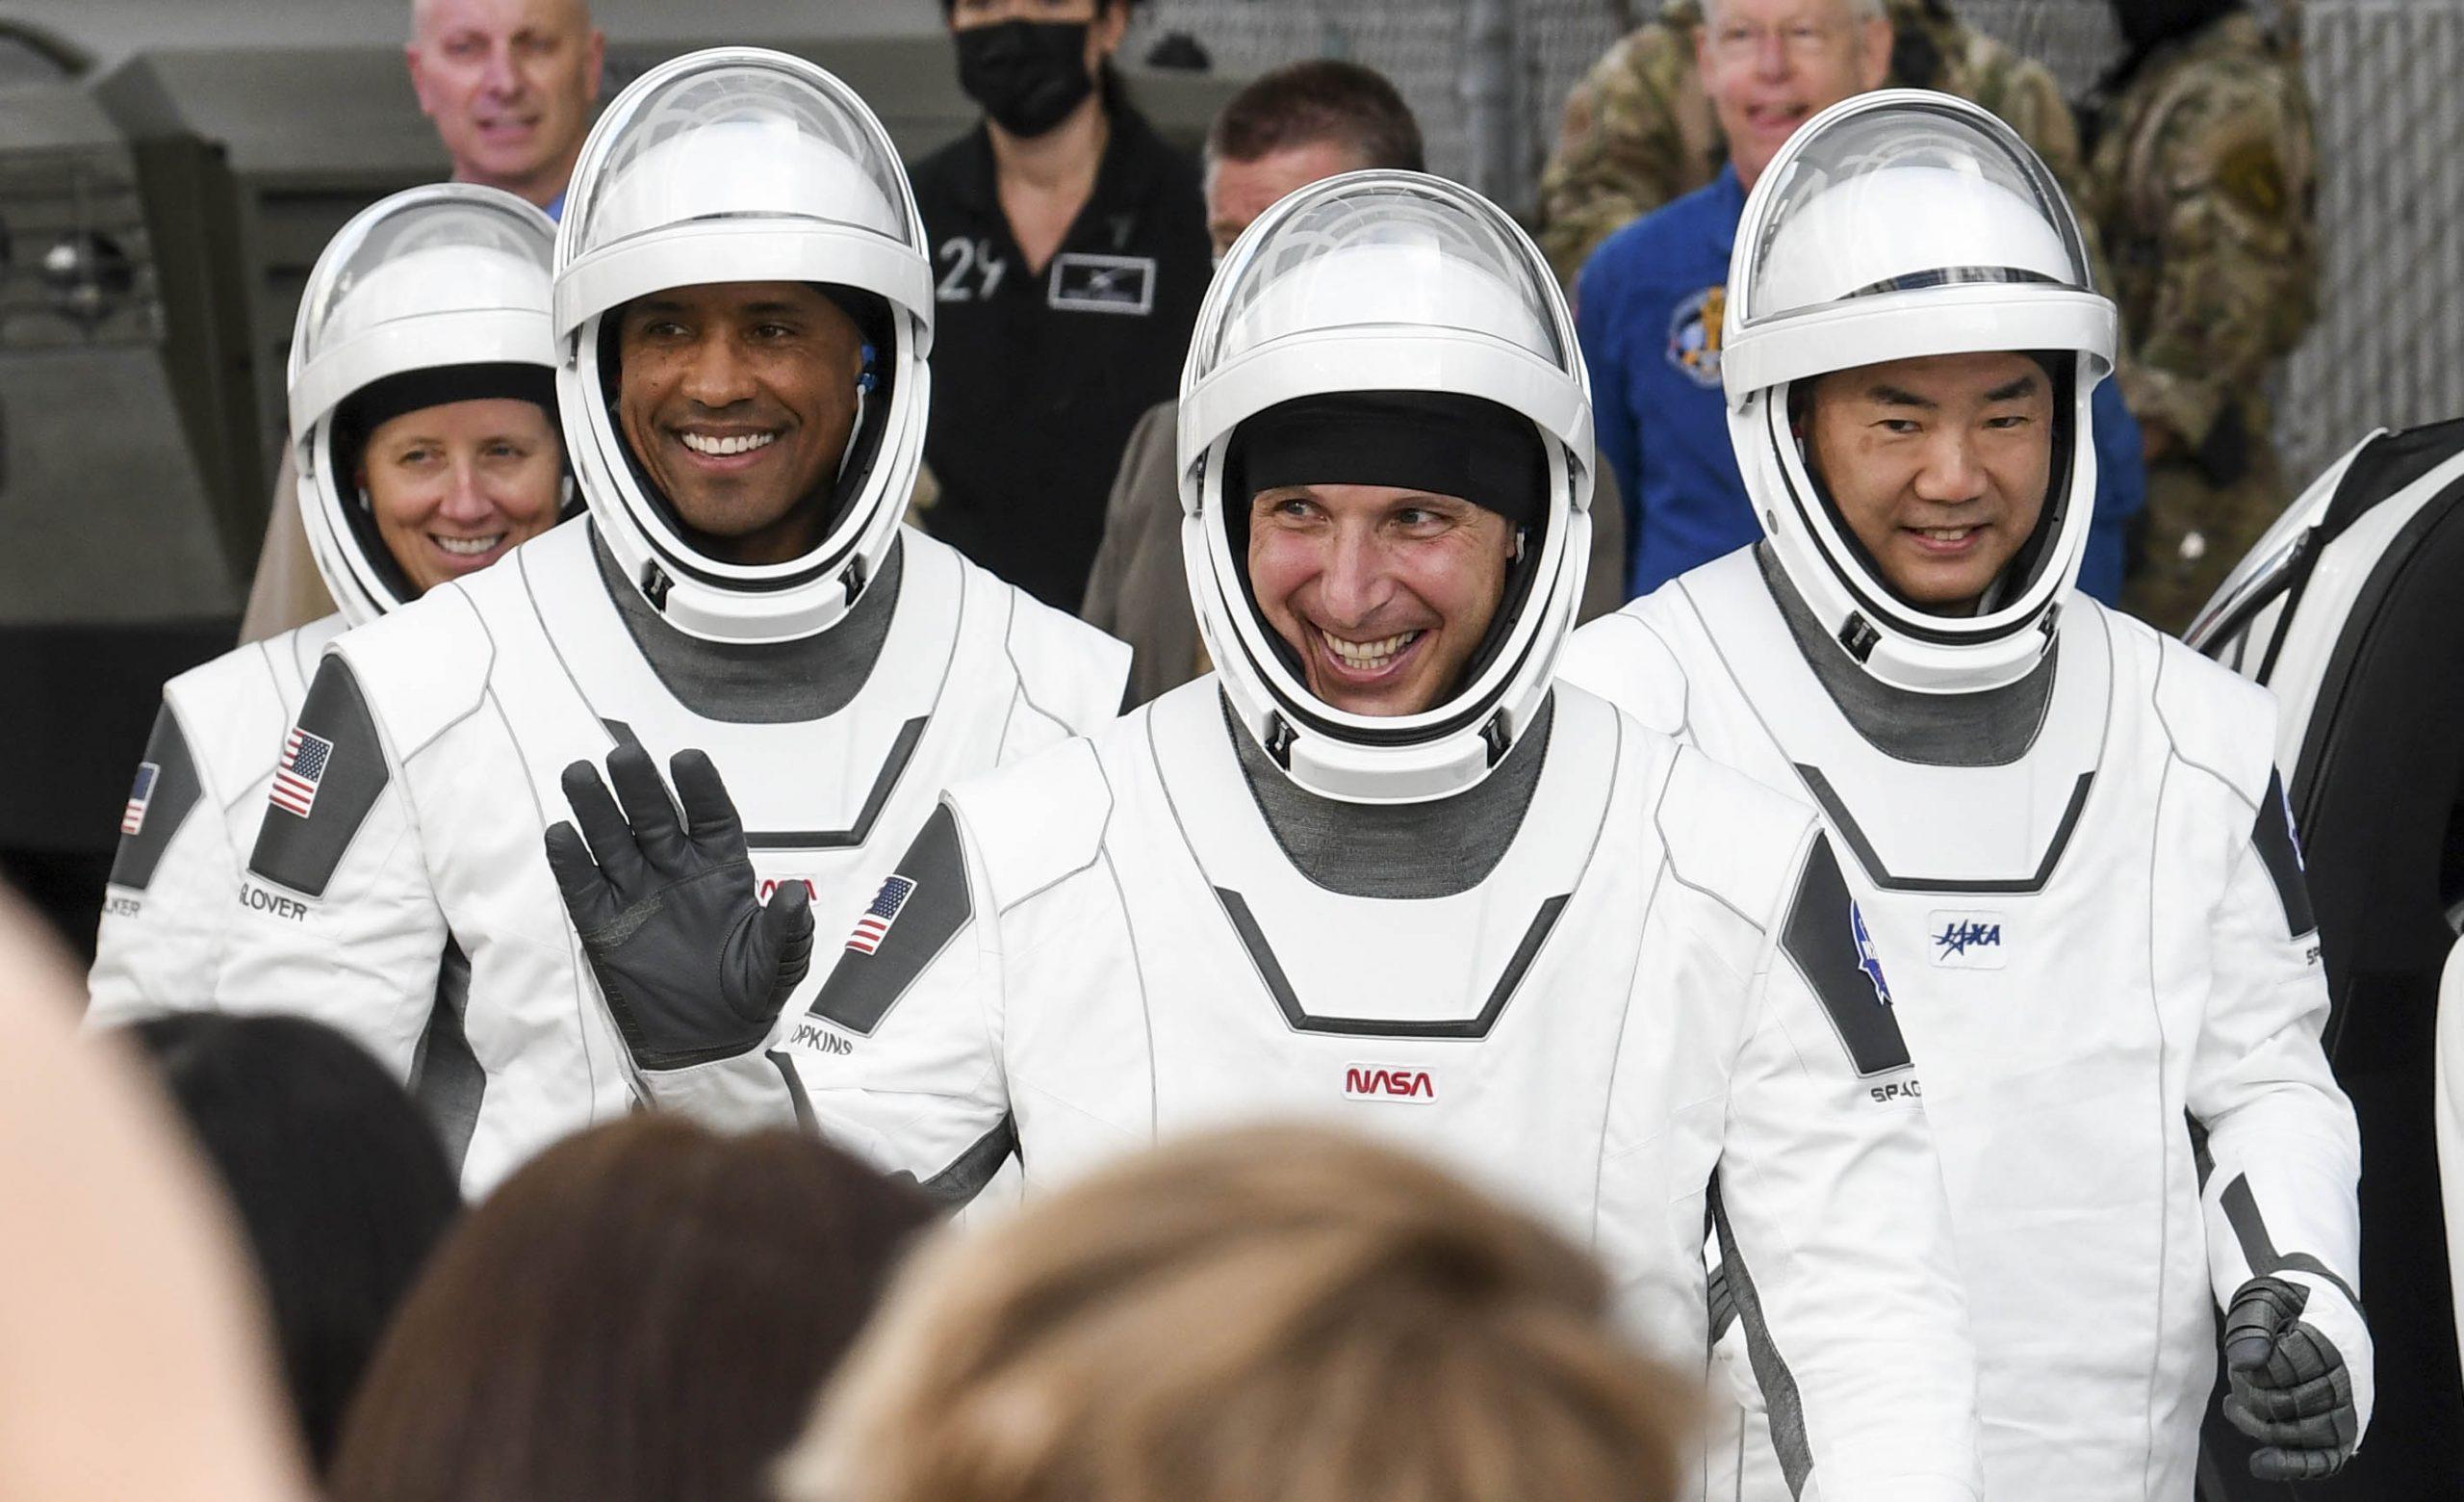 Aquí puedes ver en vivo el lanzamiento de la cápsula Crew Dragon de SpaceX y la NASA